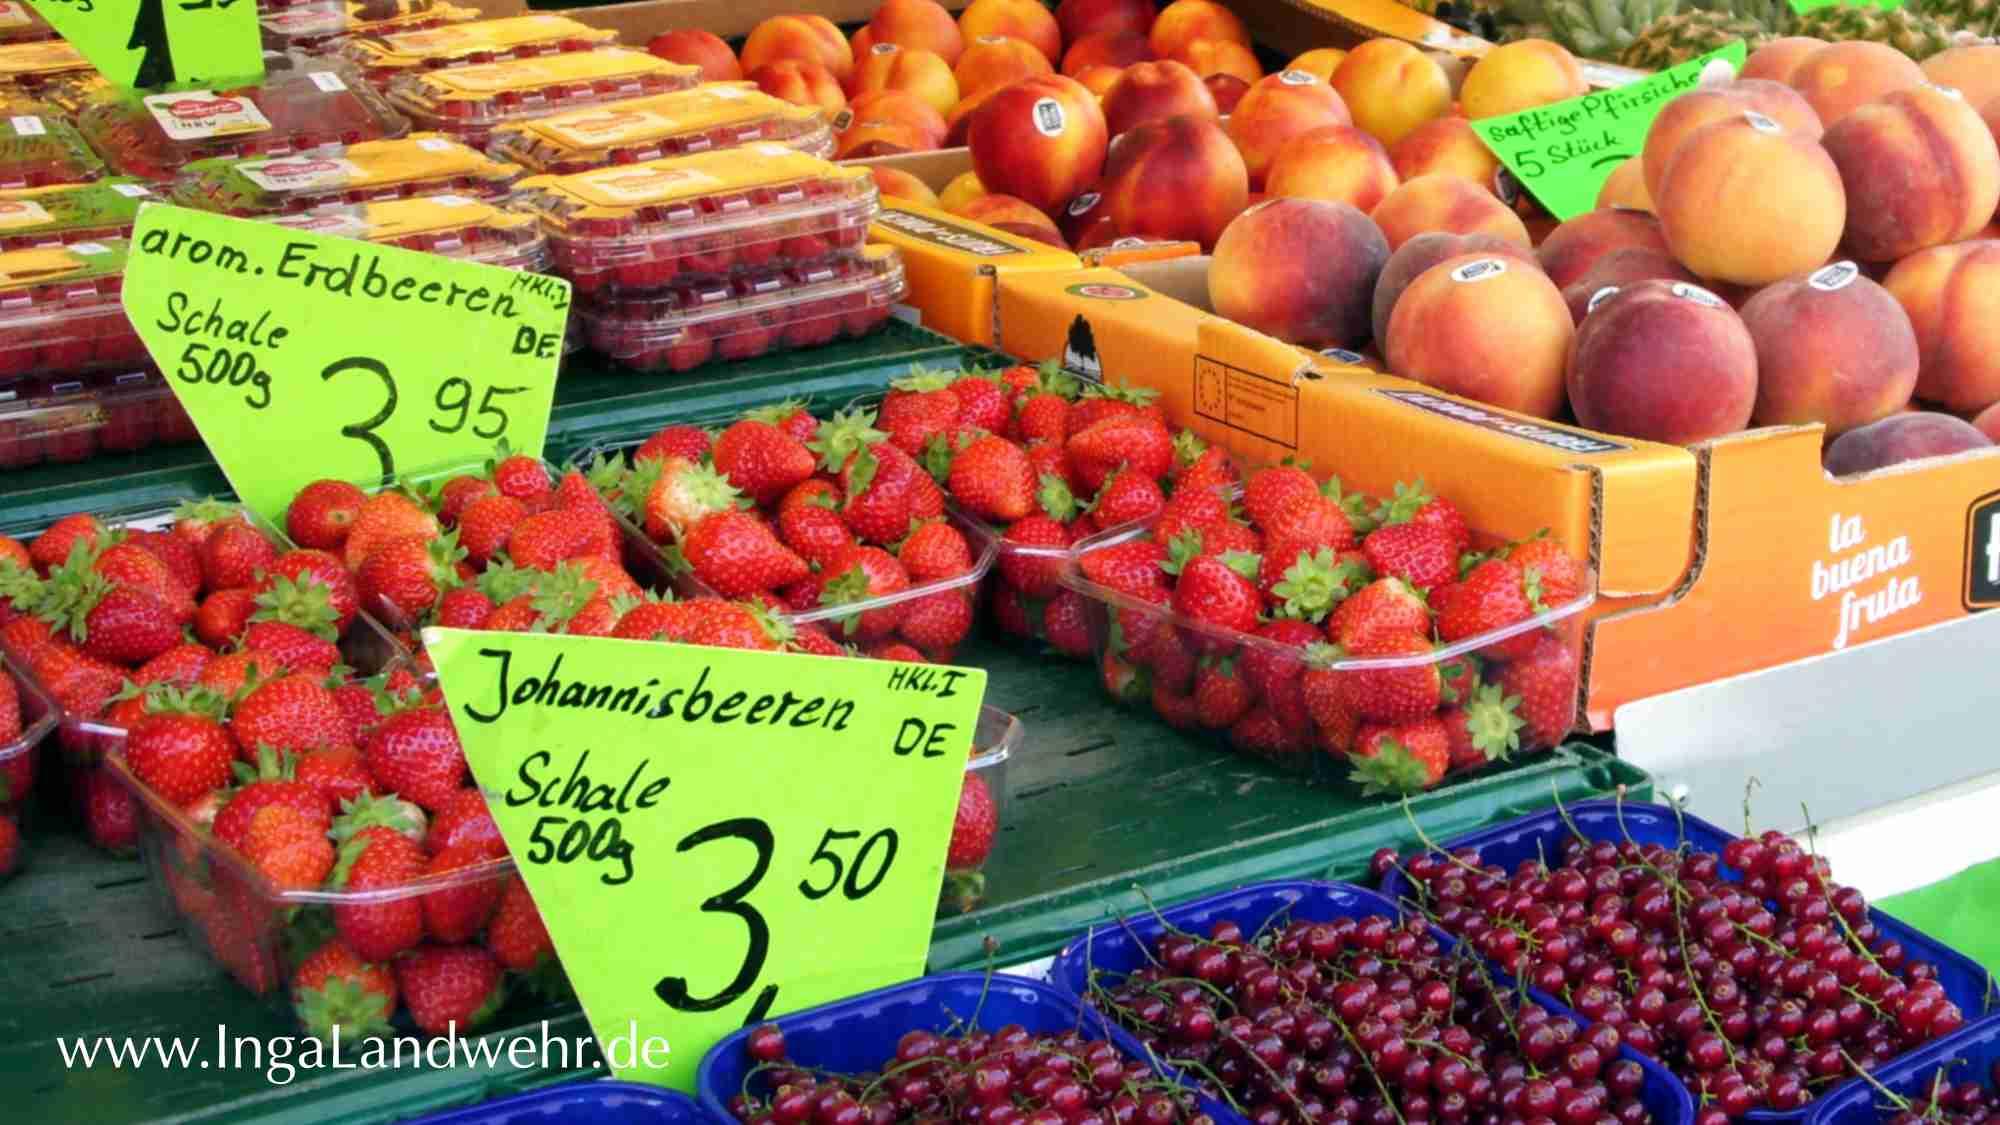 Marktstand mit frischen Erdbeeren, Johannisbeeren und Pfirsichen